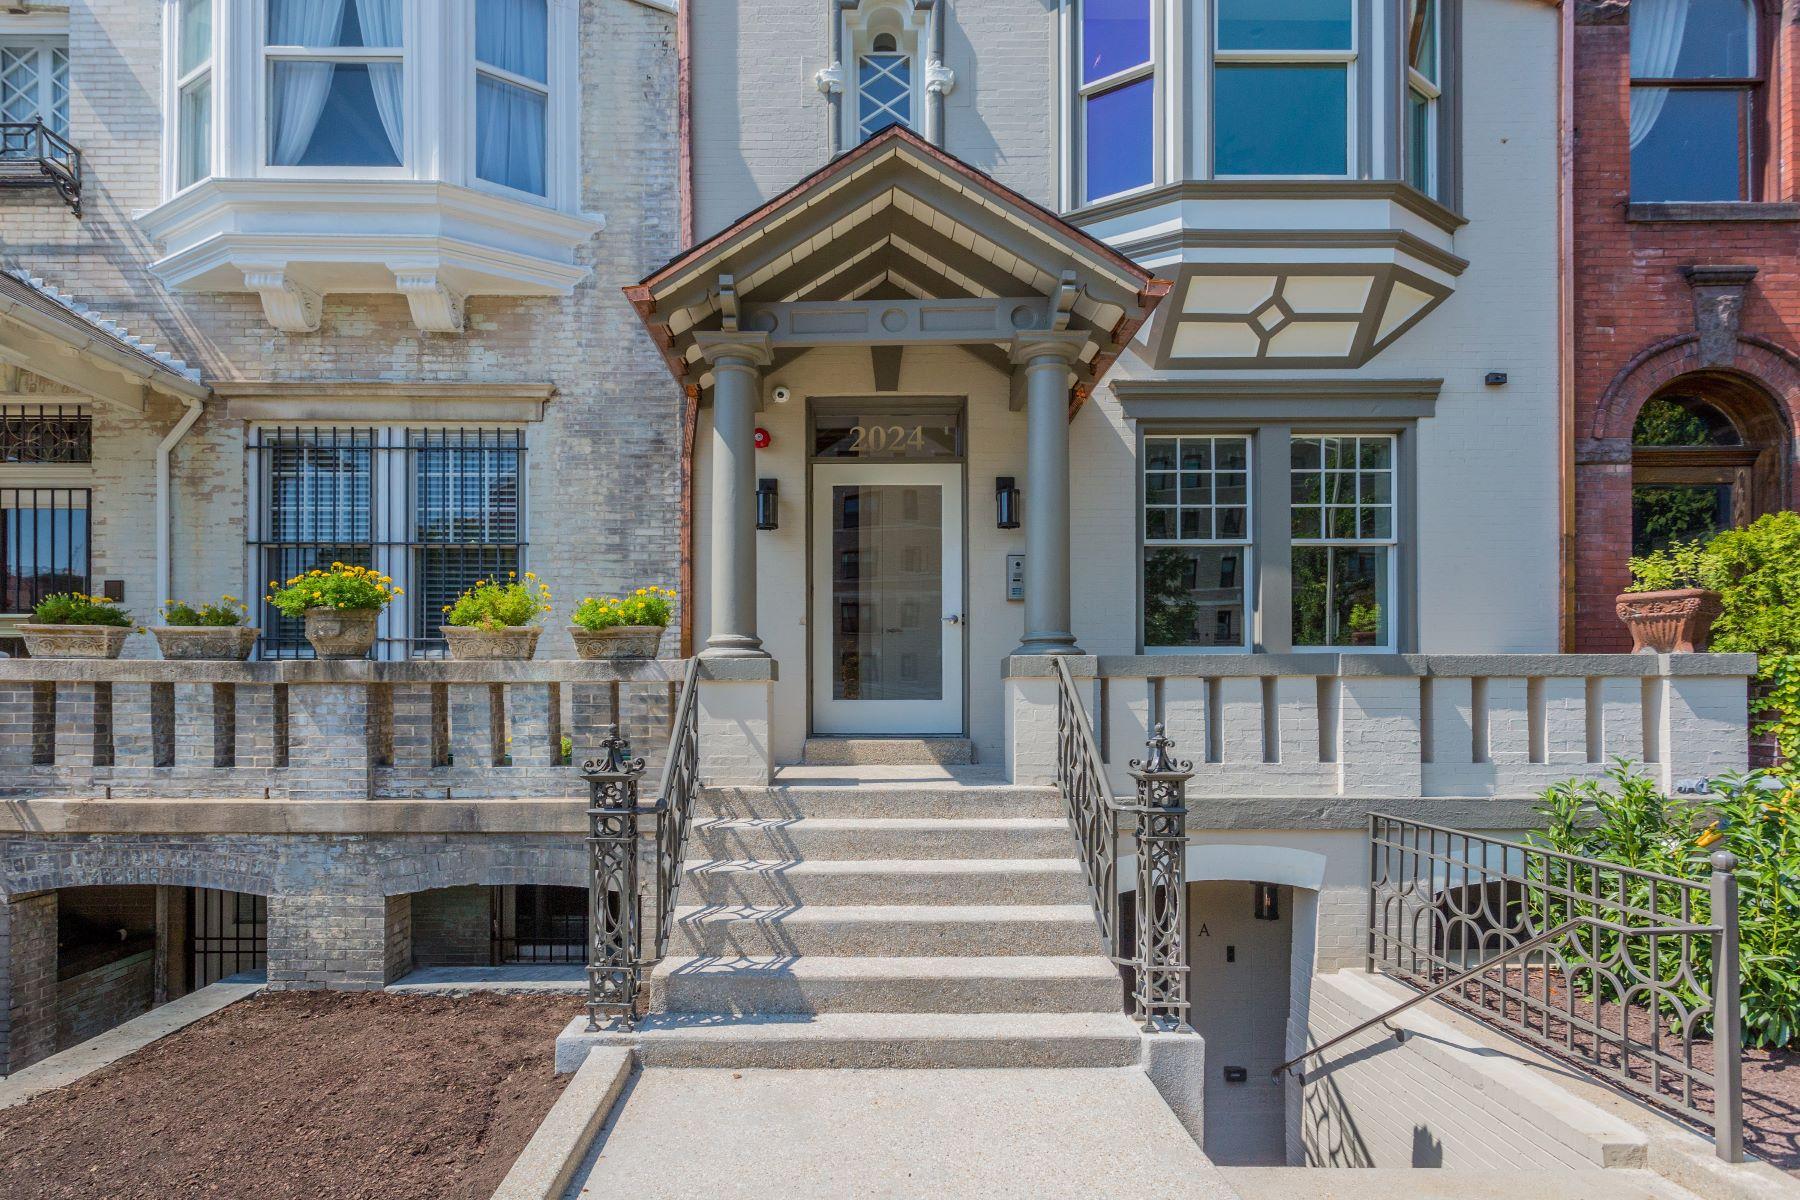 단독 가정 주택 용 매매 에 District of Columbia 2024 16th Street NW #1, Washington, 컬럼비아주, 20009 미국